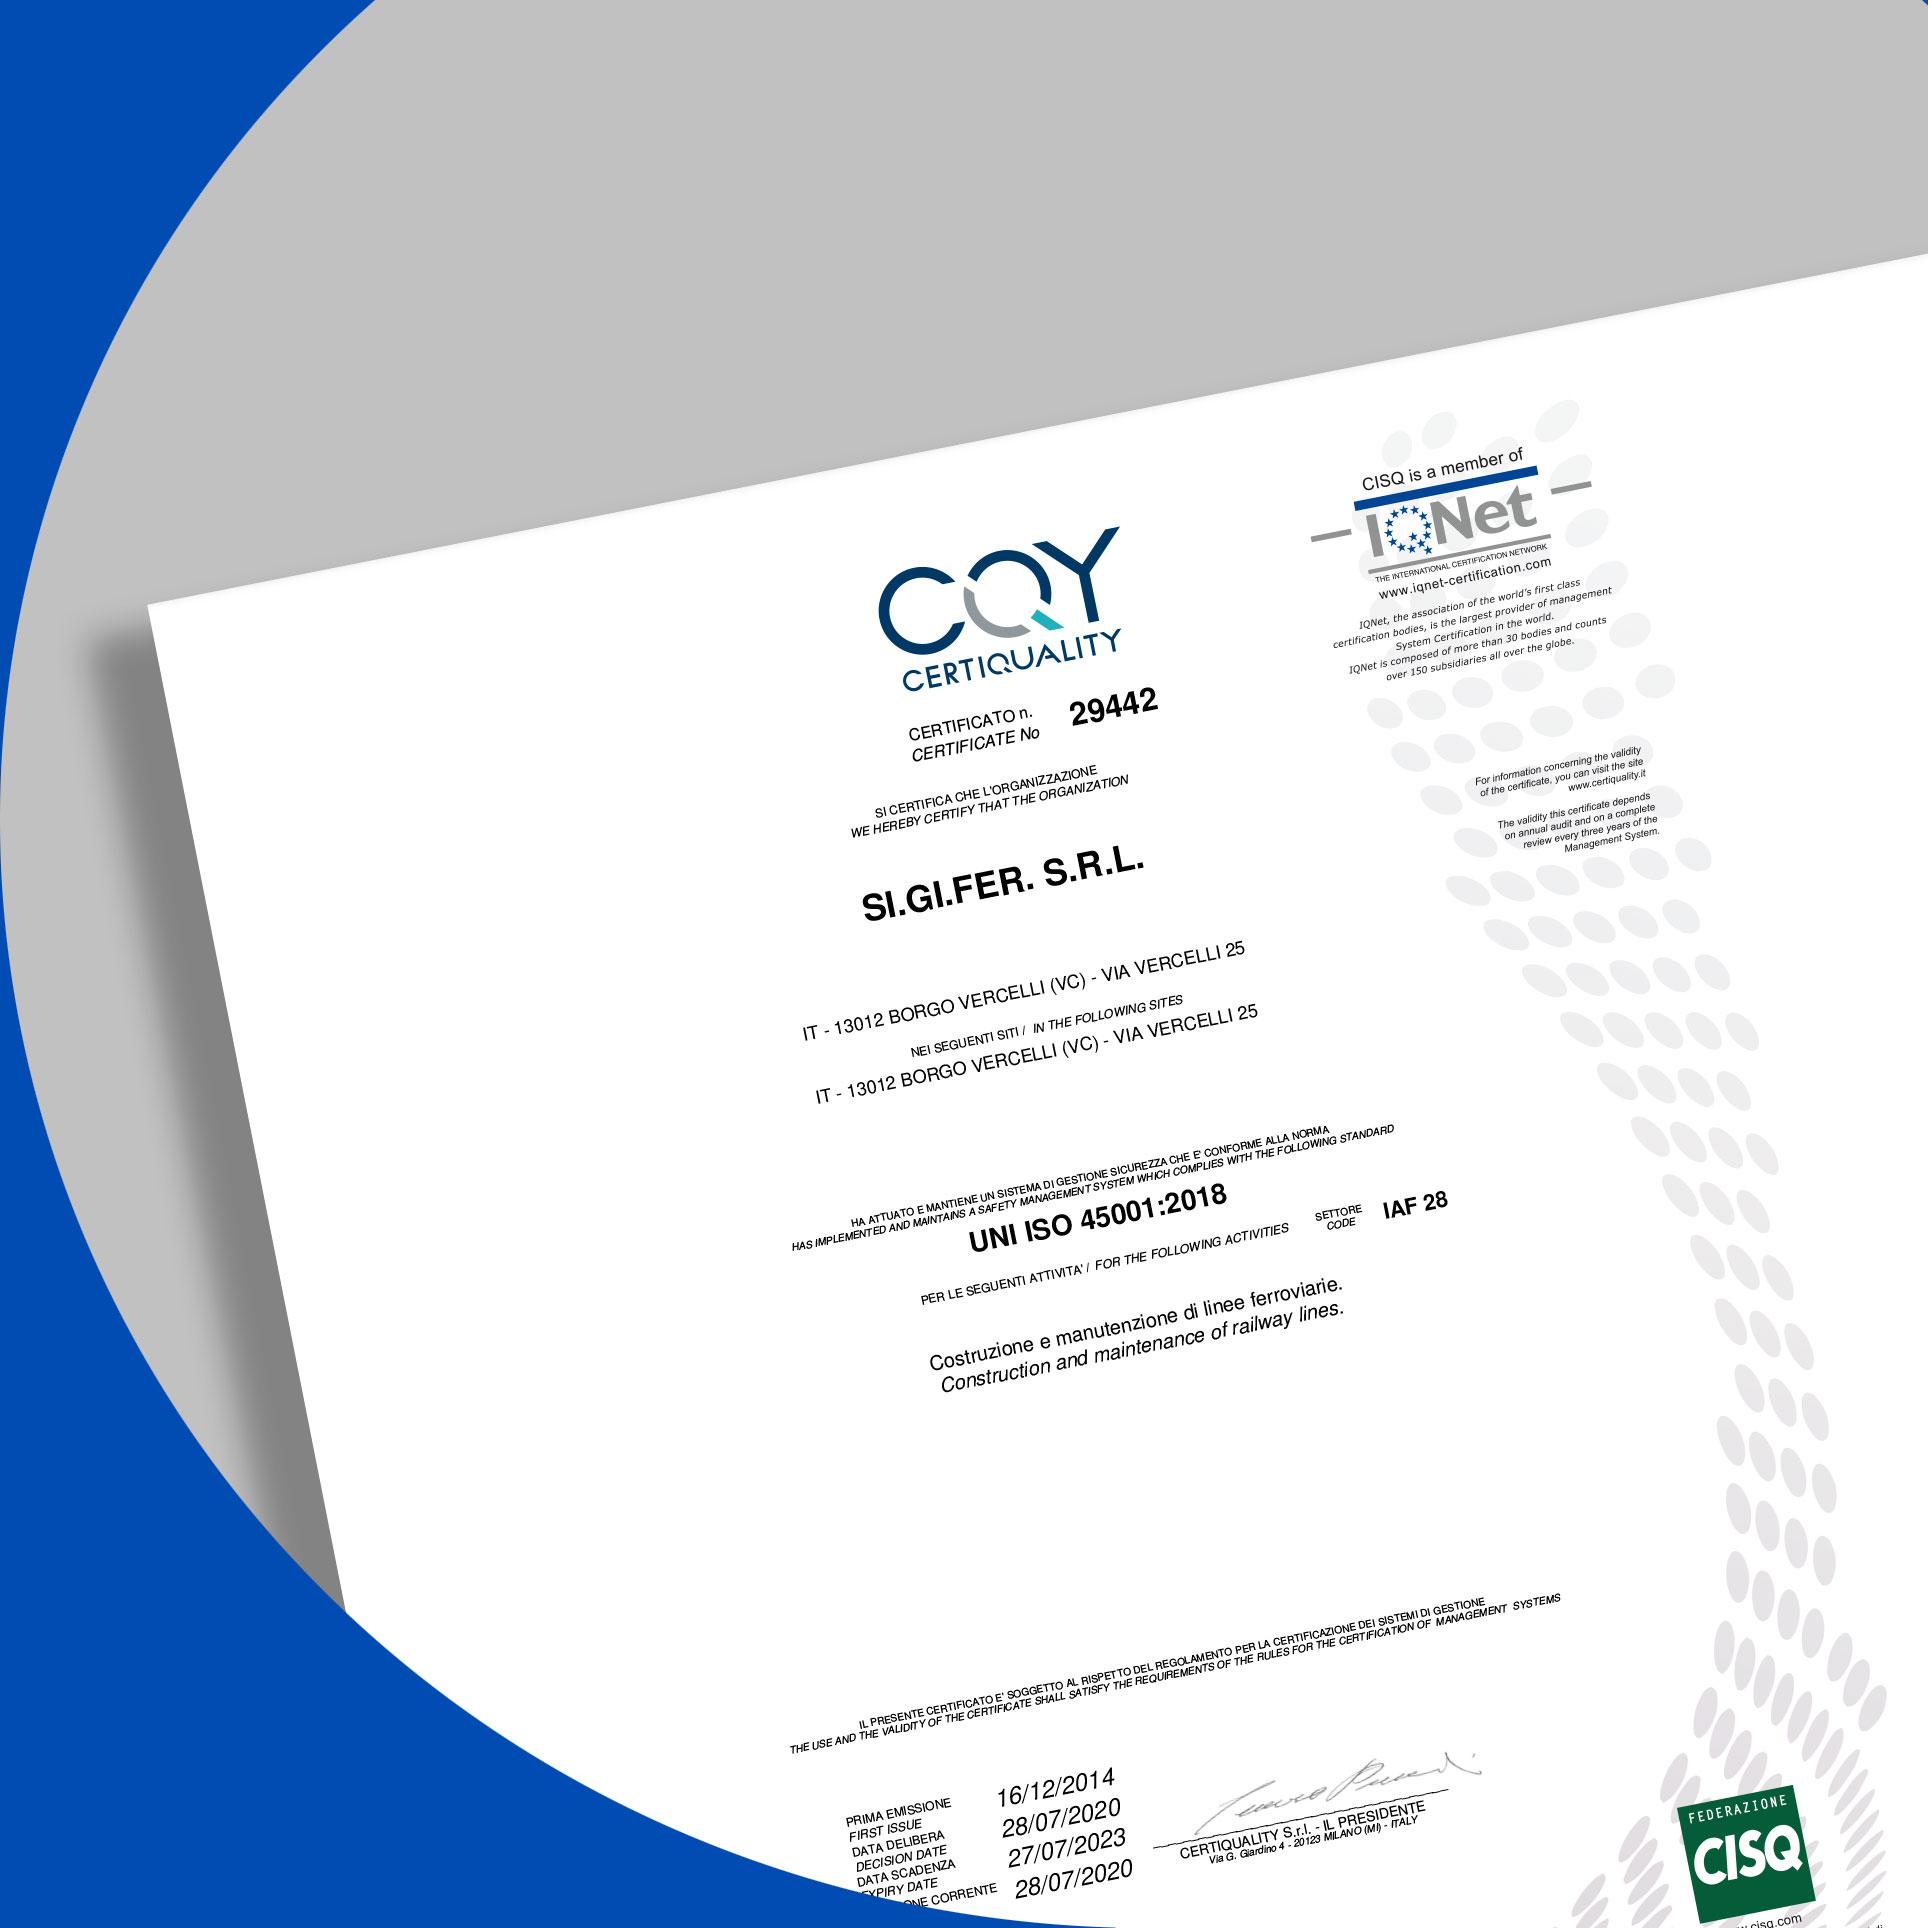 certificato sigifer sicurezza